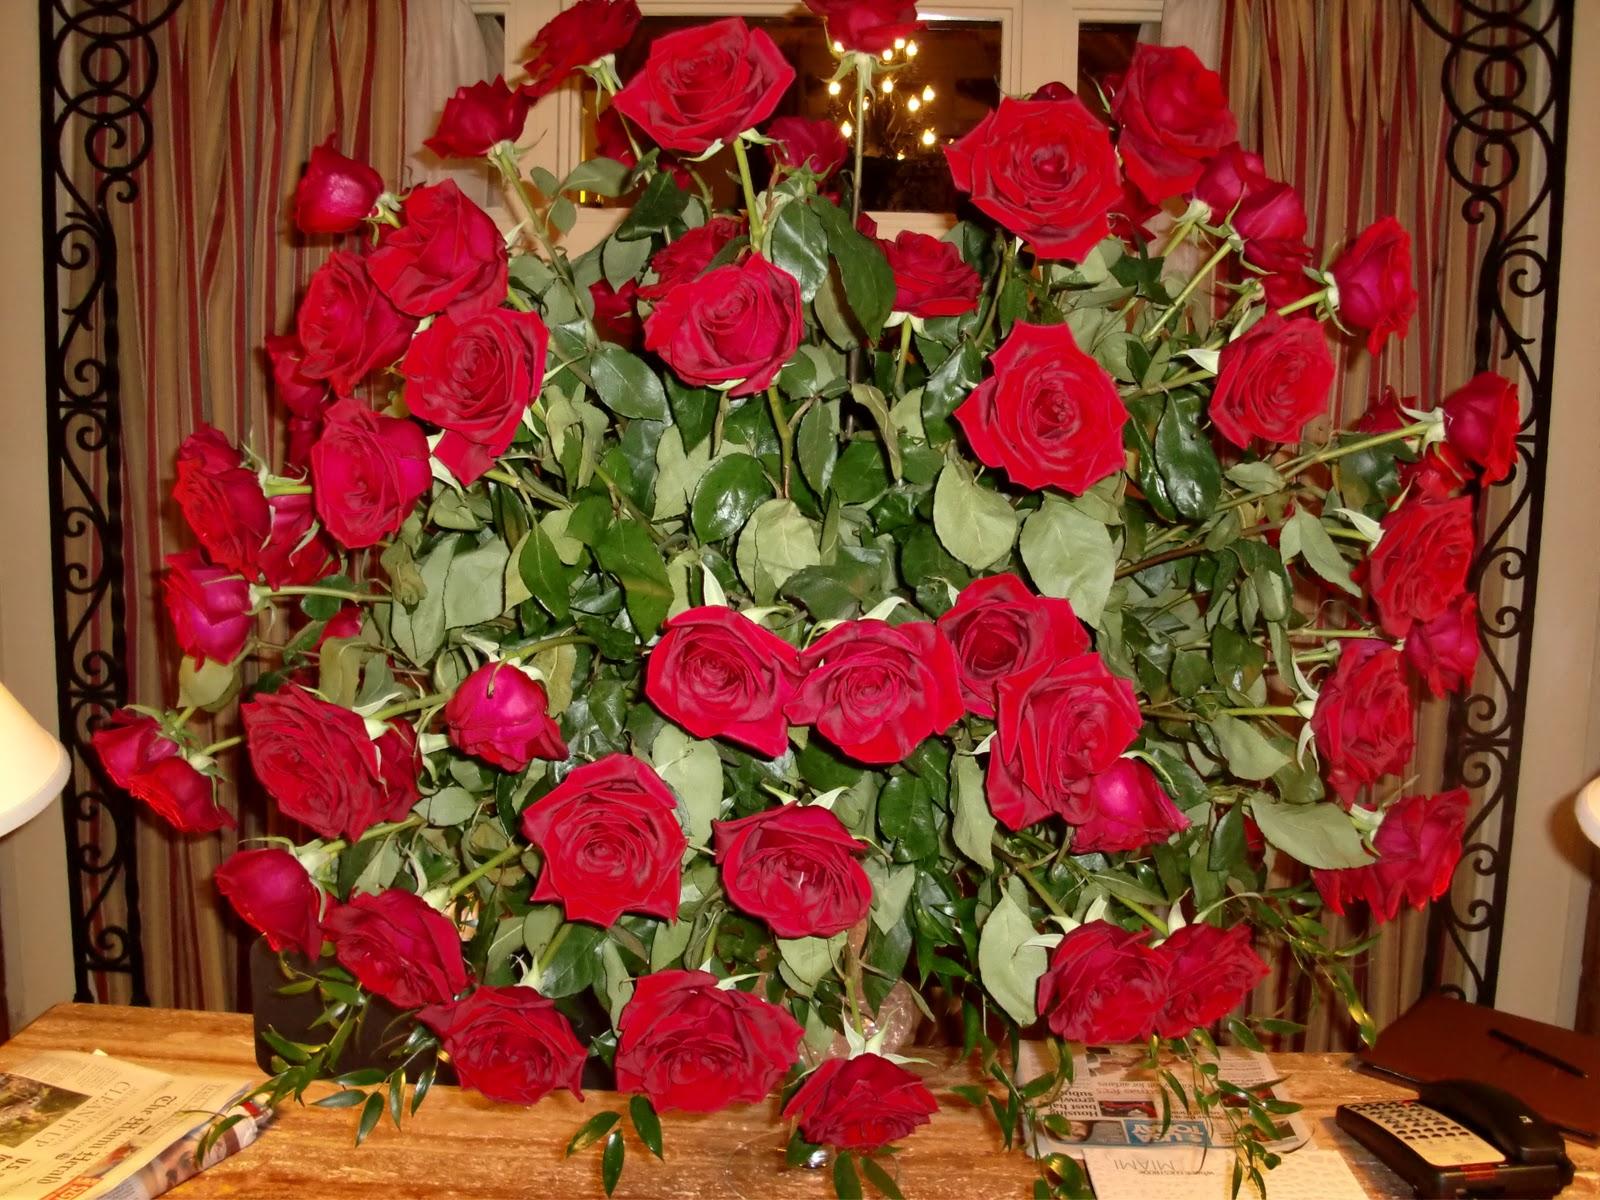 Ramos de flores grandes imagui - Ramos de flores grandes ...